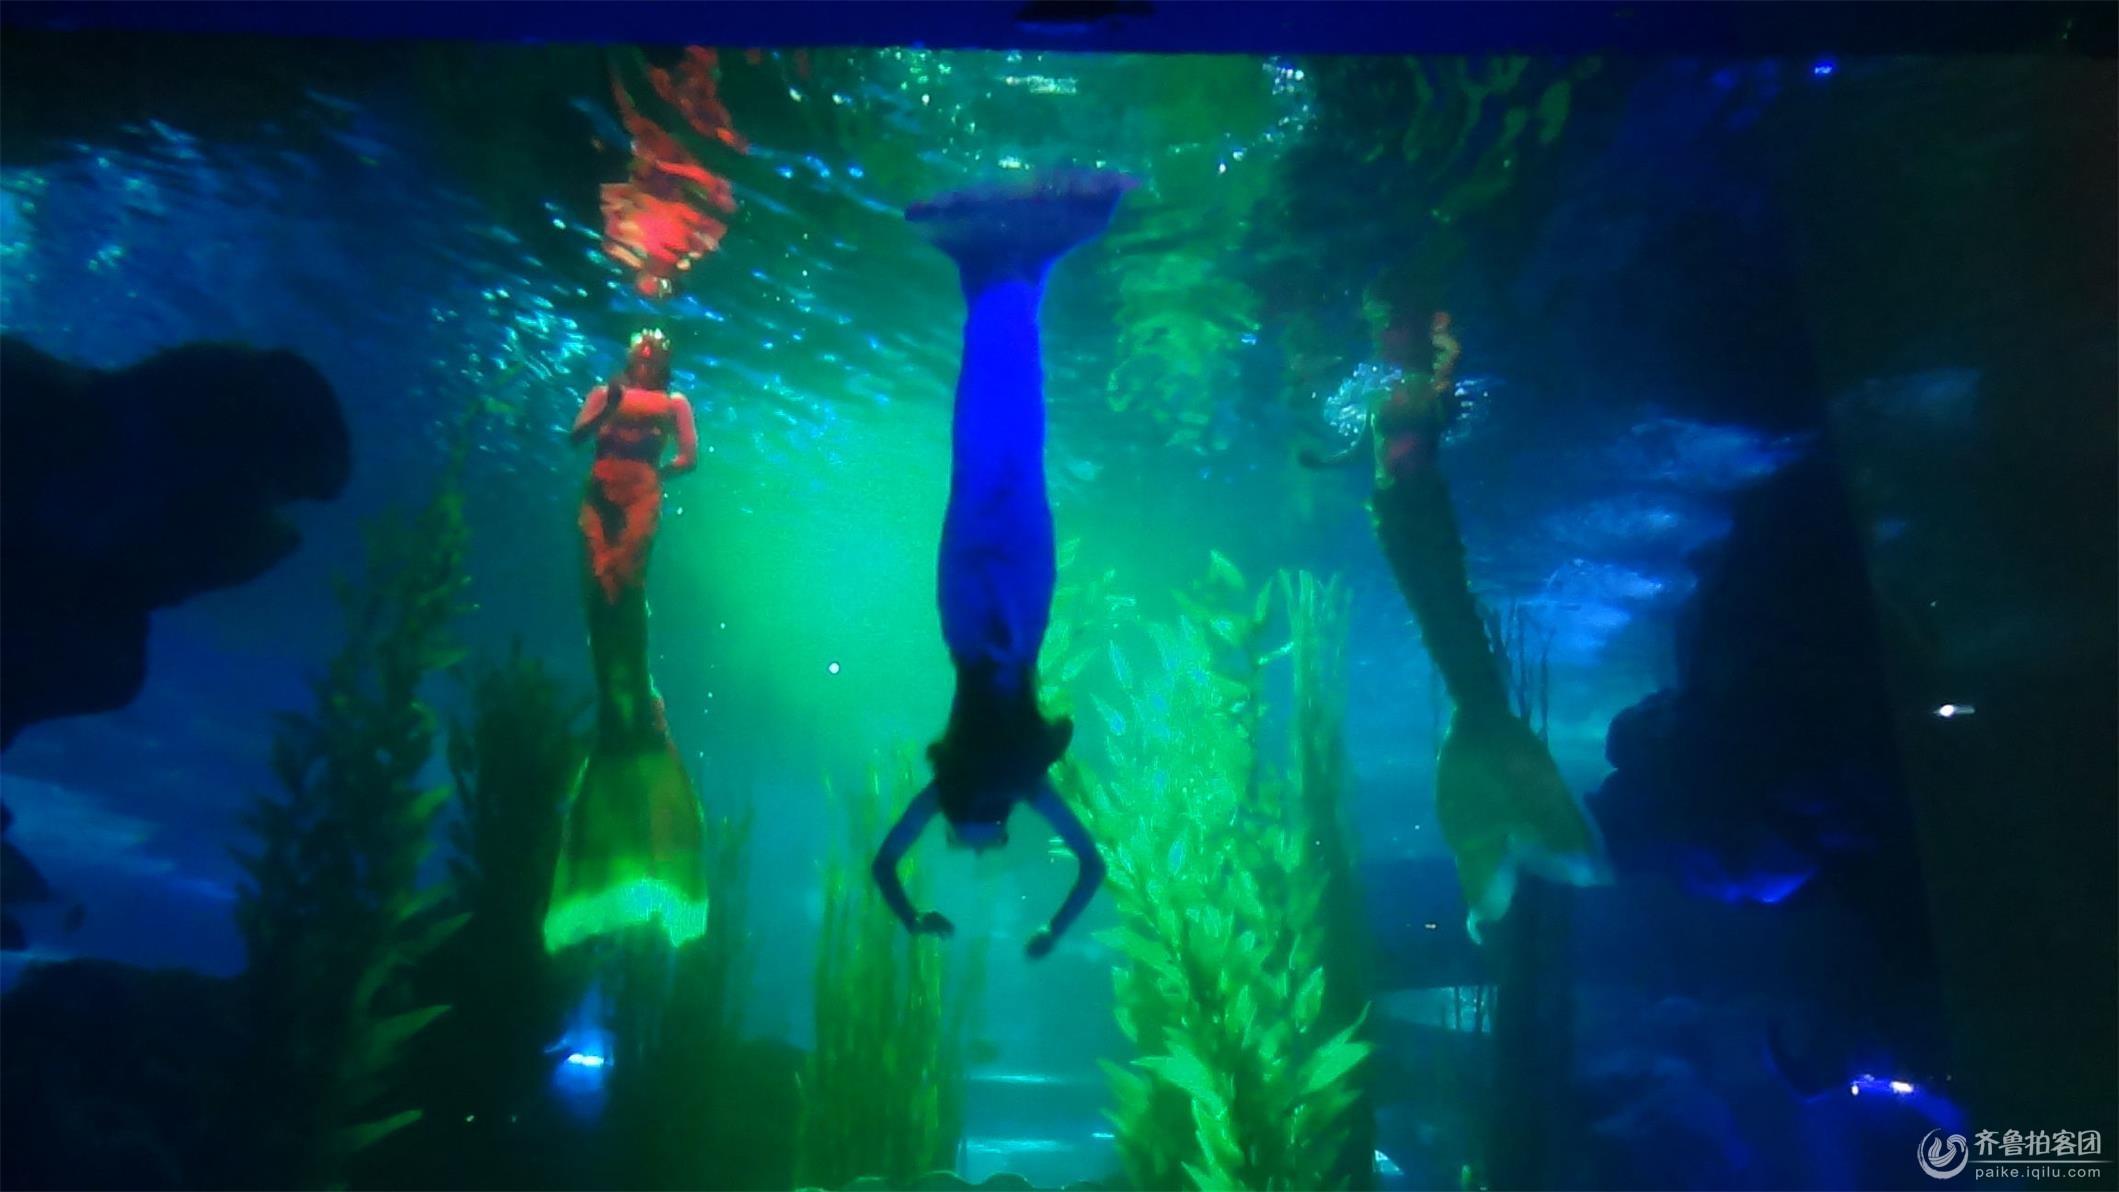 齐鲁拍客团 69 校园拍客 69 海底世界的美人鱼  分享到:qq空间